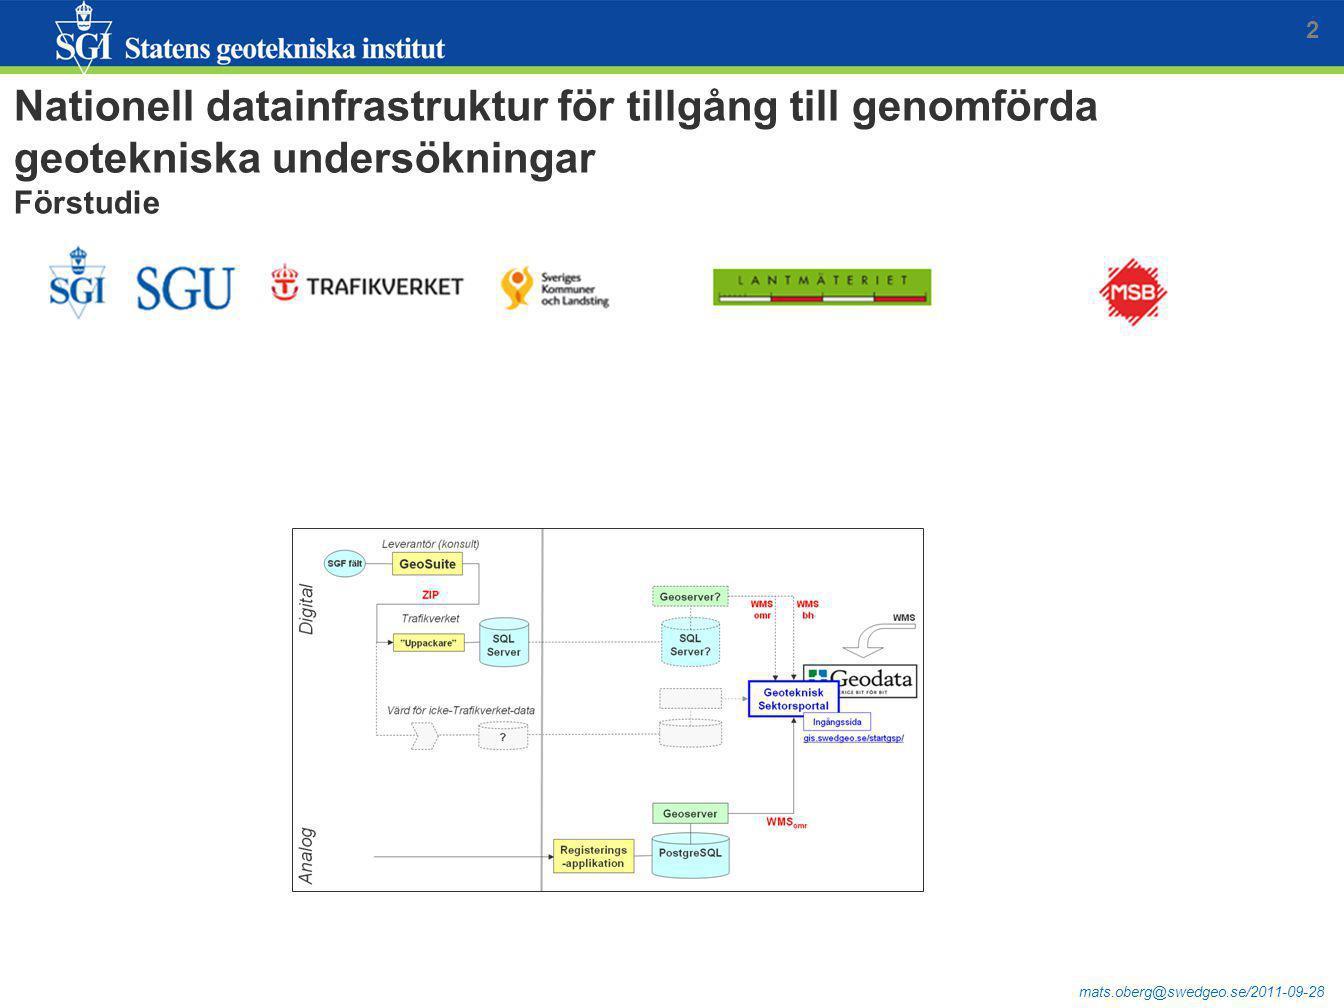 mats.oberg@swedgeo.se/2011-09-28 2 Nationell datainfrastruktur för tillgång till genomförda geotekniska undersökningar Förstudie